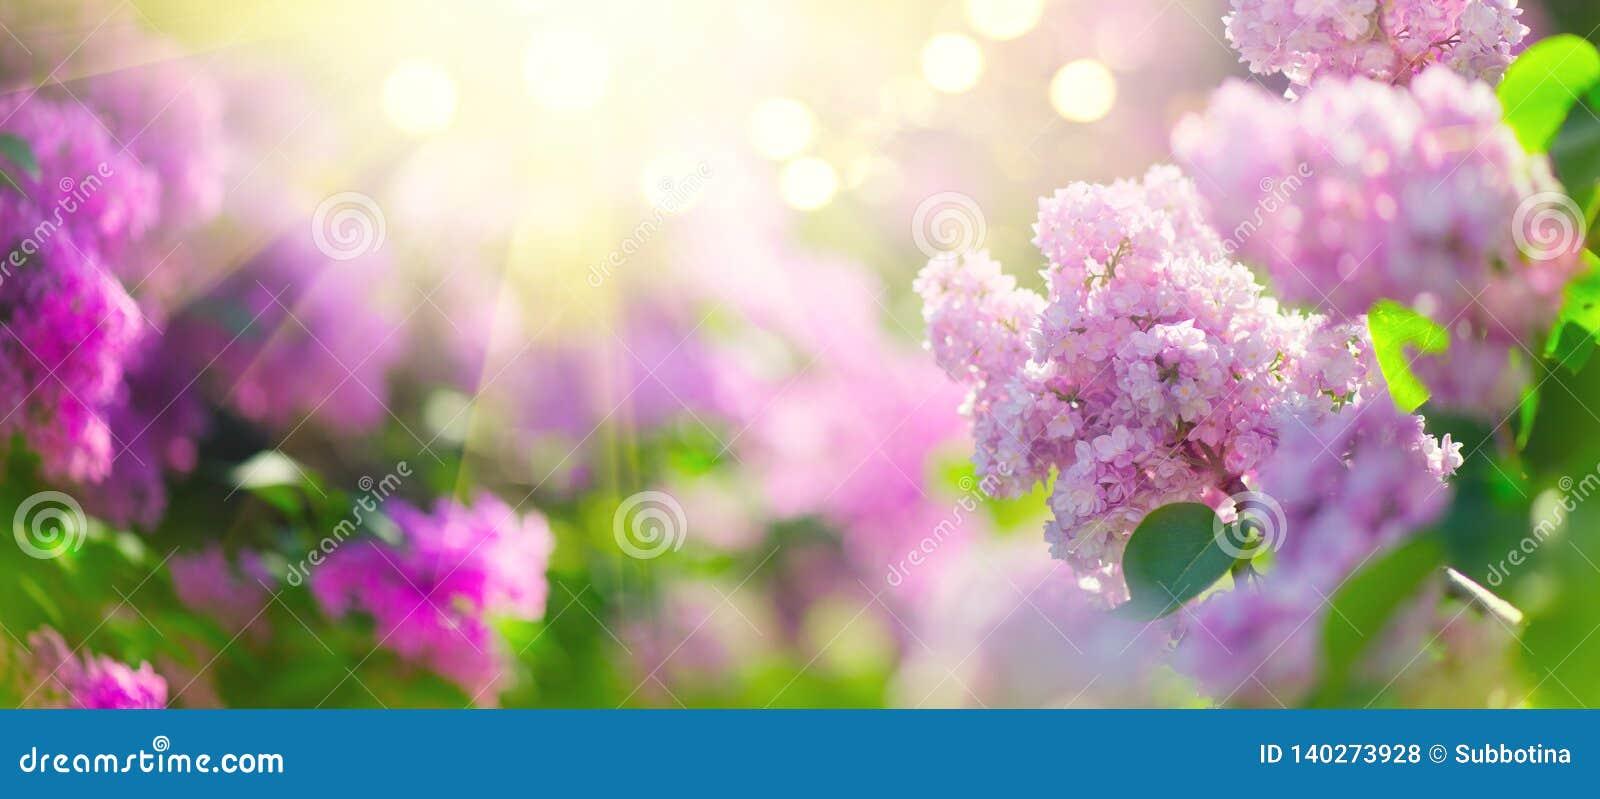 淡紫色春天开花束紫罗兰色艺术设计背景 开花的紫罗兰色淡紫色花